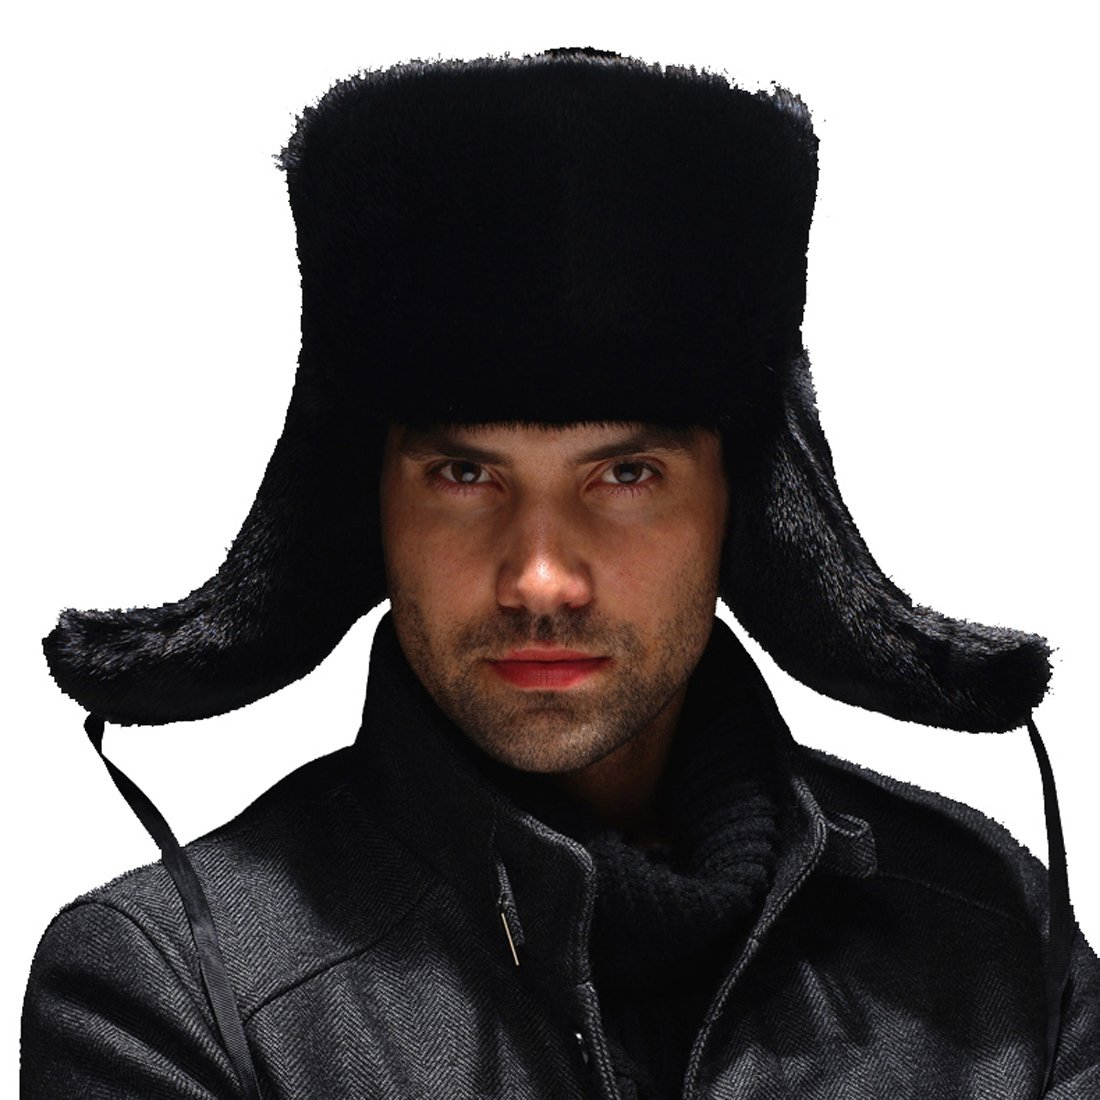 URSFUR Men's Premium Mink Fur Russian Ushanka Trapper Hats - Black